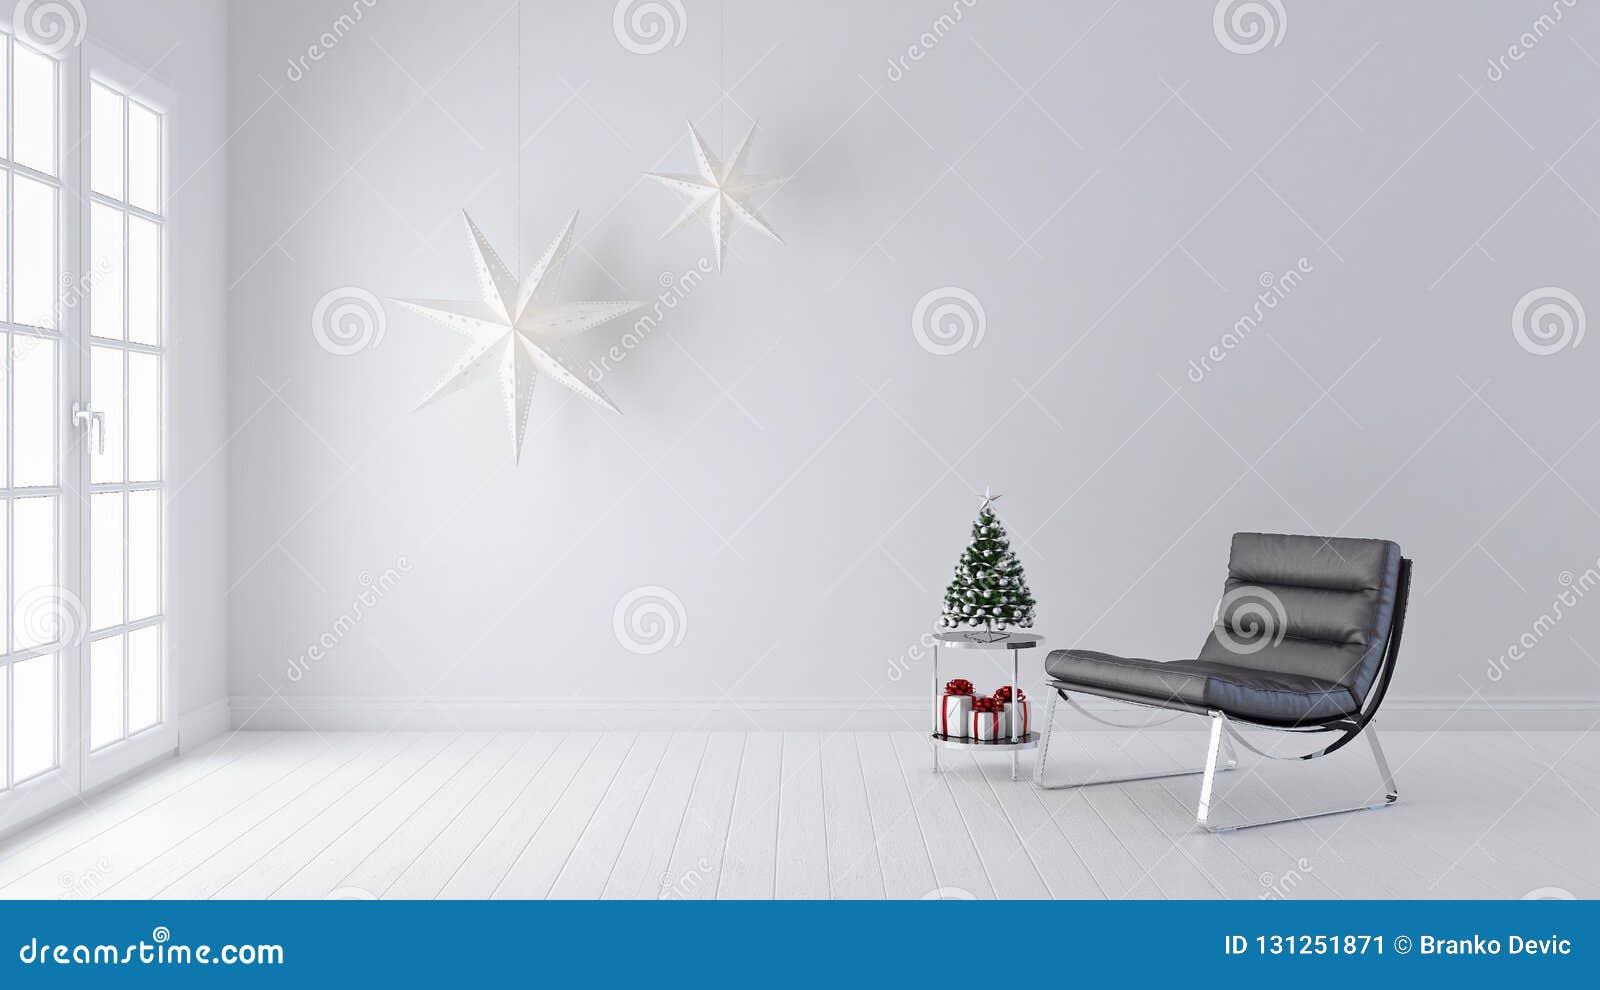 Salon moderne, conception intérieure, décoration de Noël, nouvelle année, 3d rendre